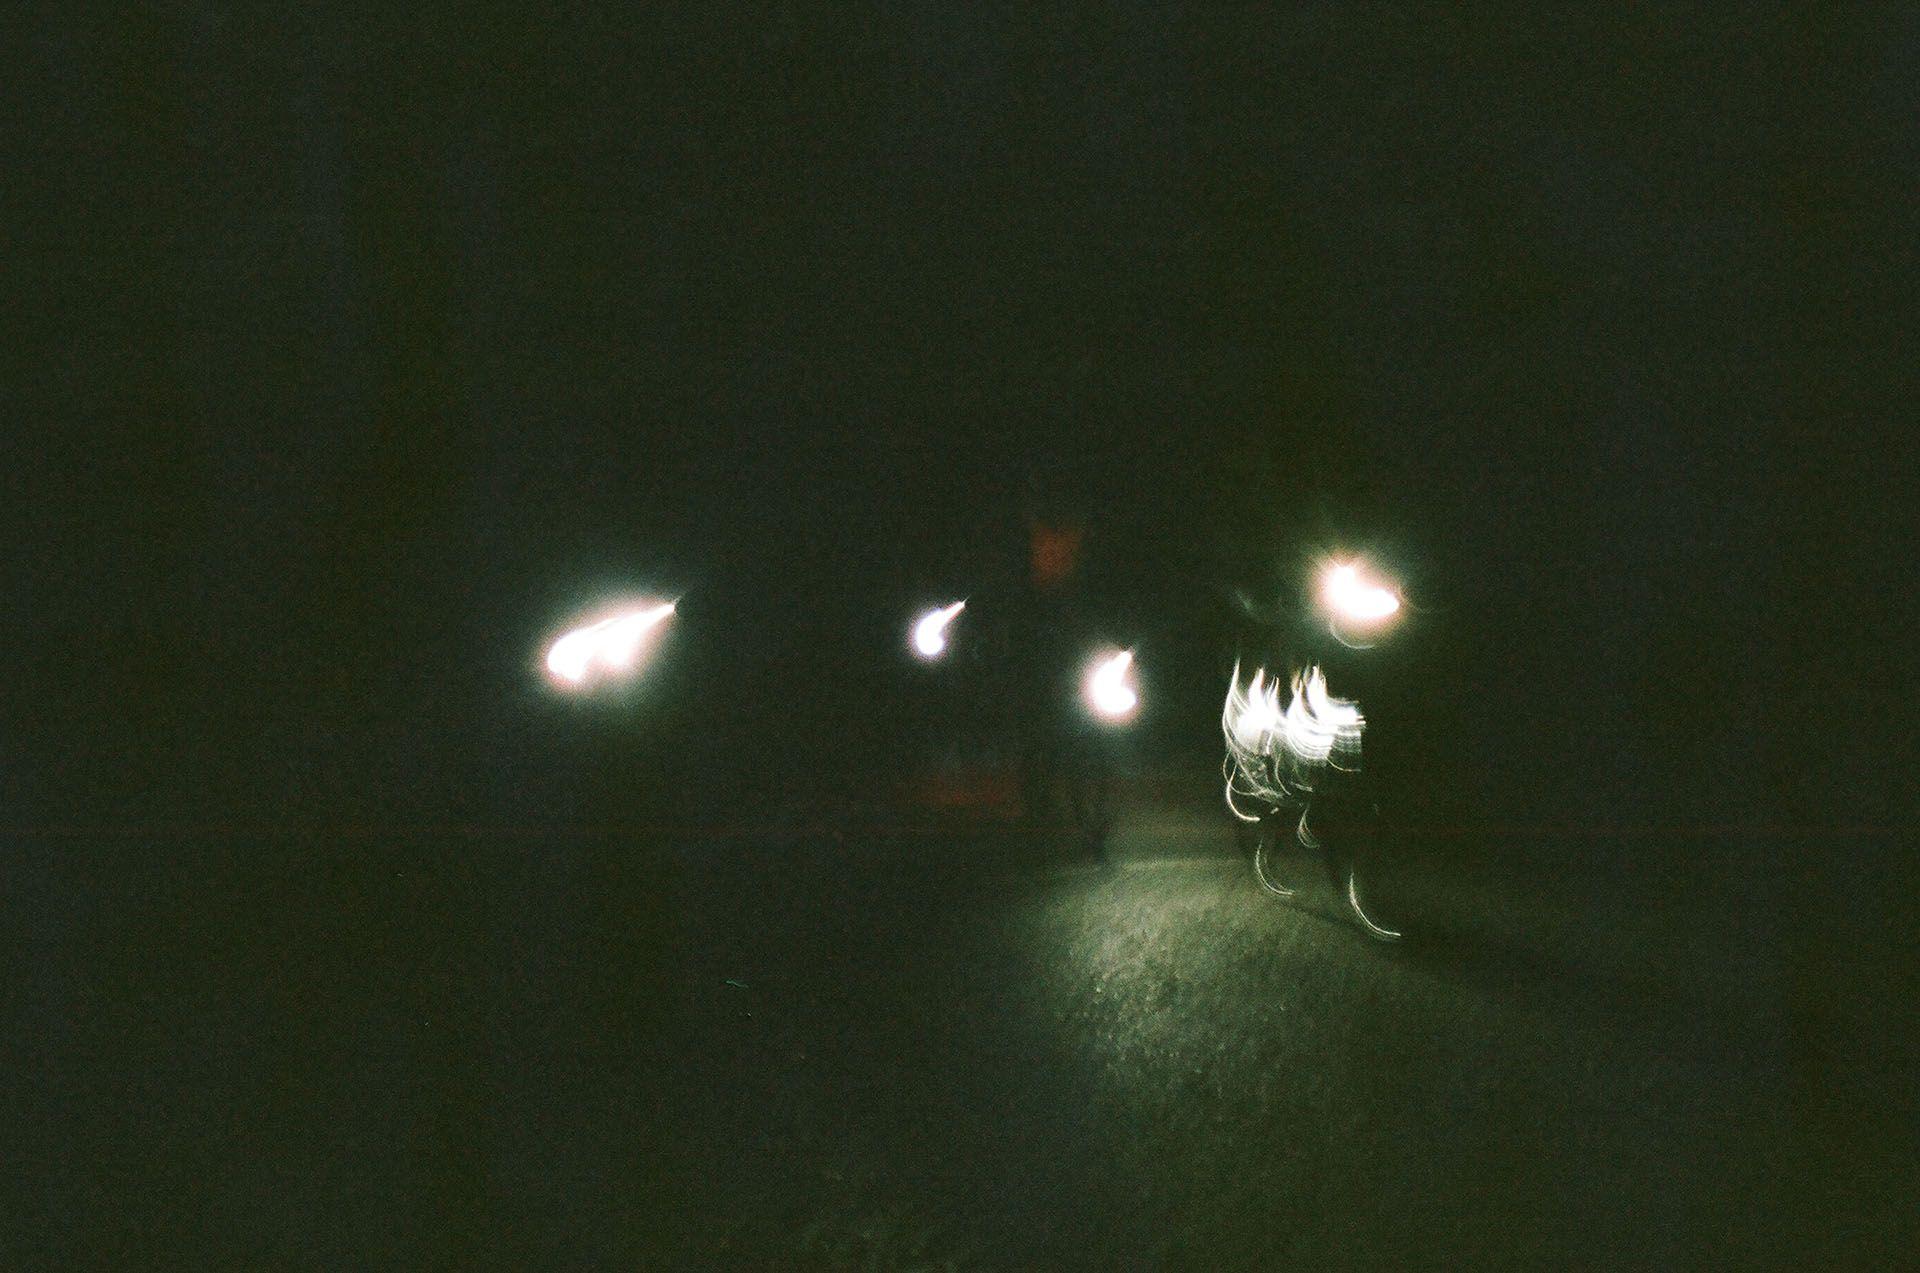 Світло велосипедних ліхтариків уночі